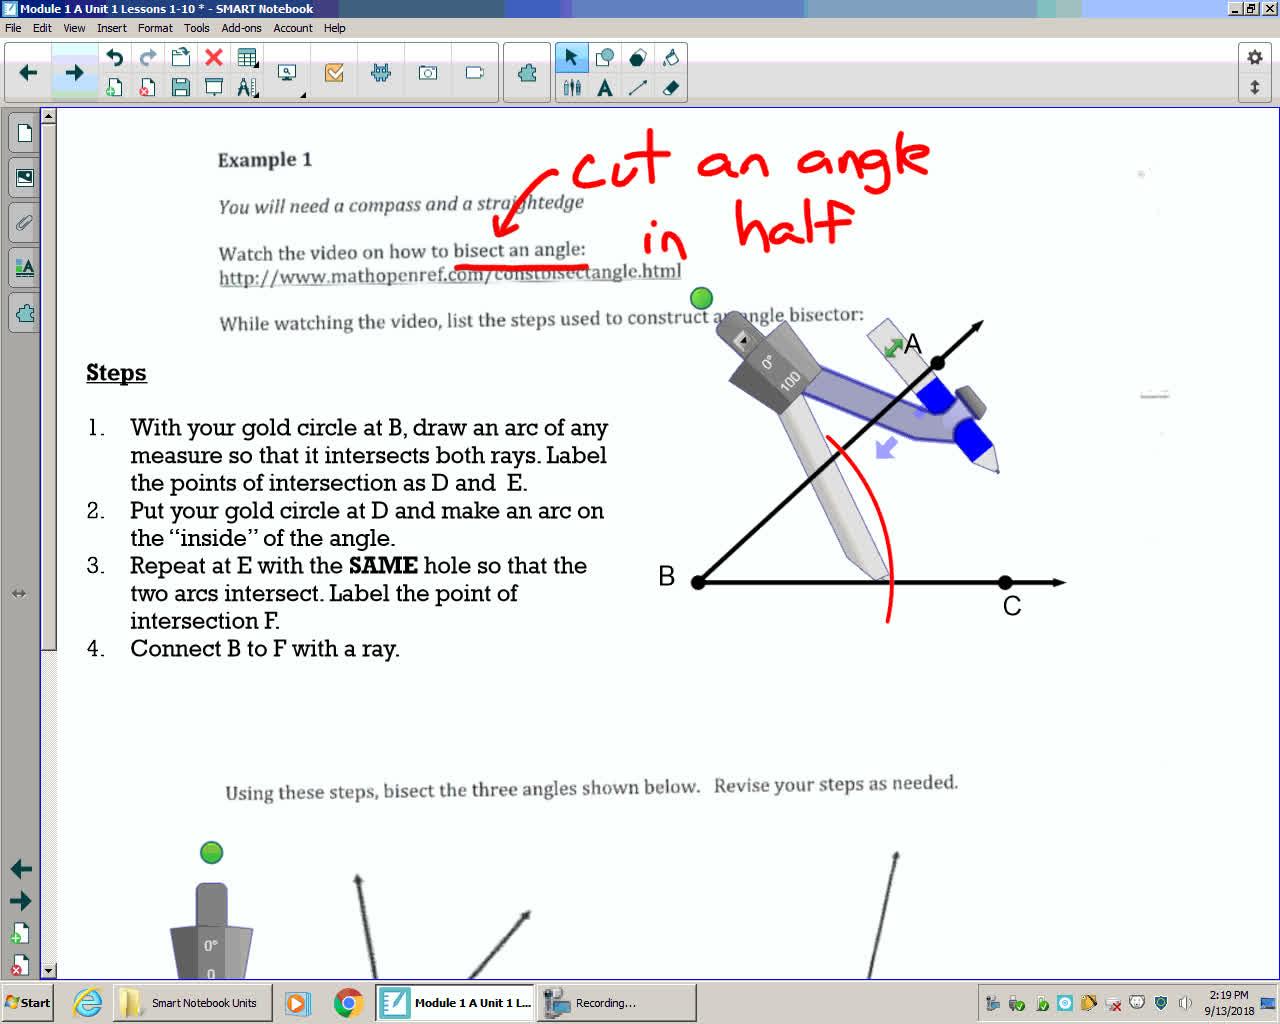 Mod 1 Lesson 3